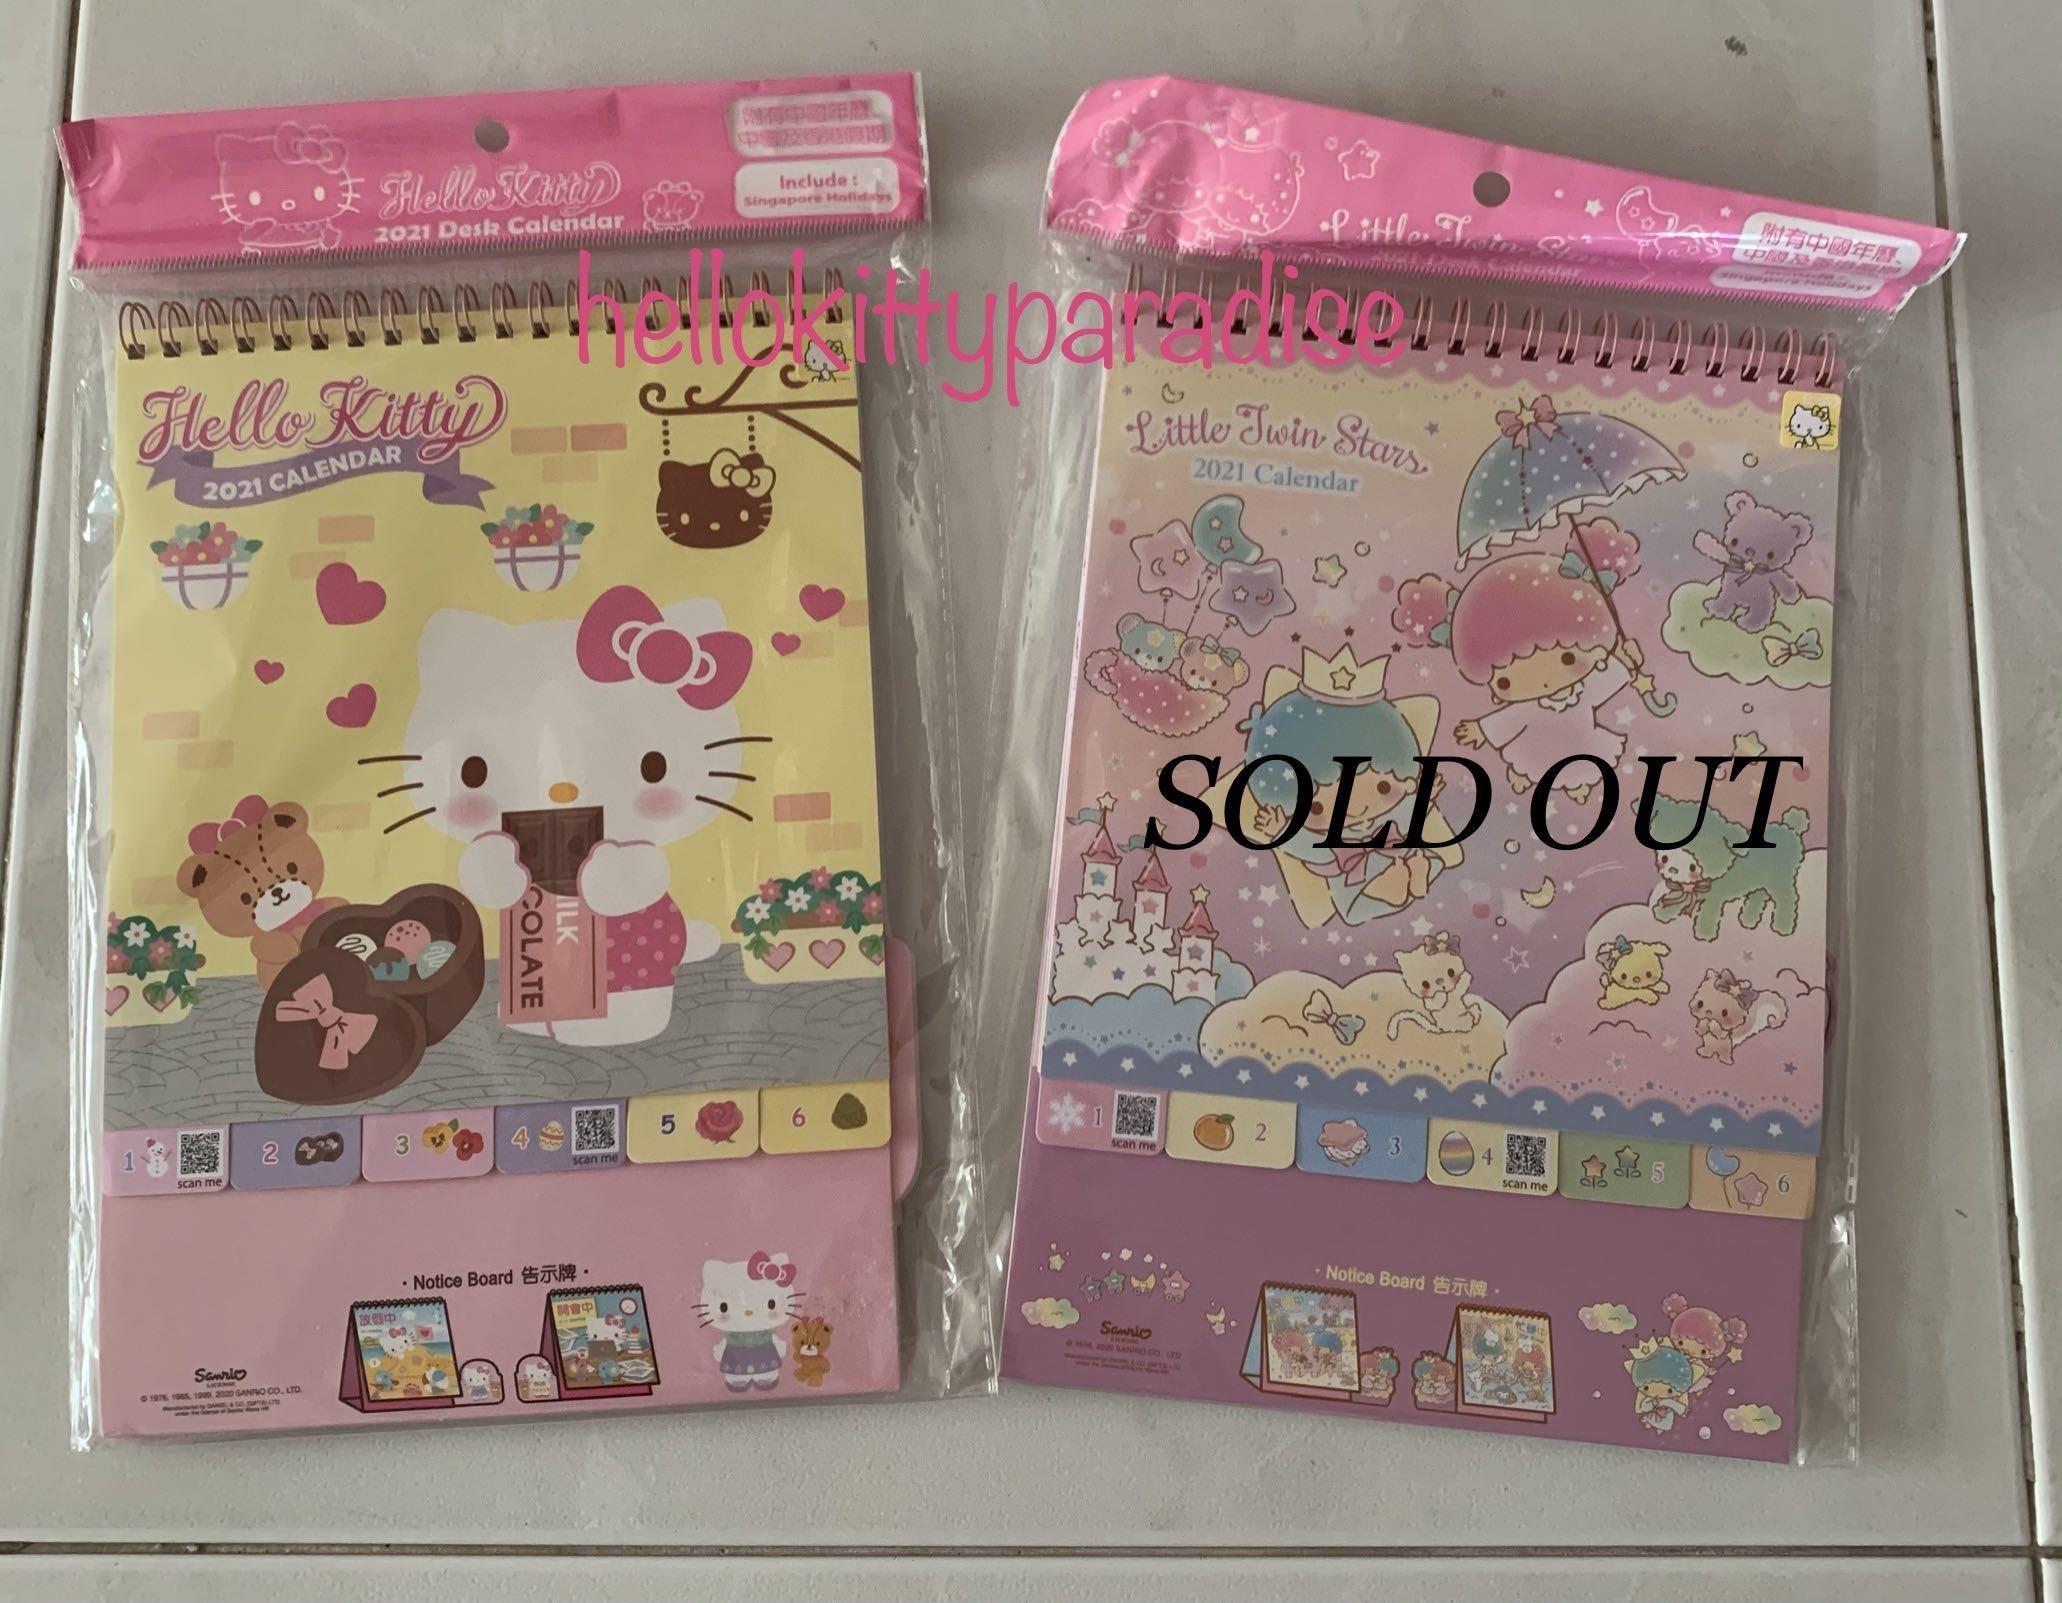 Sanrio Desk Calendar 2021 Hello Kitty